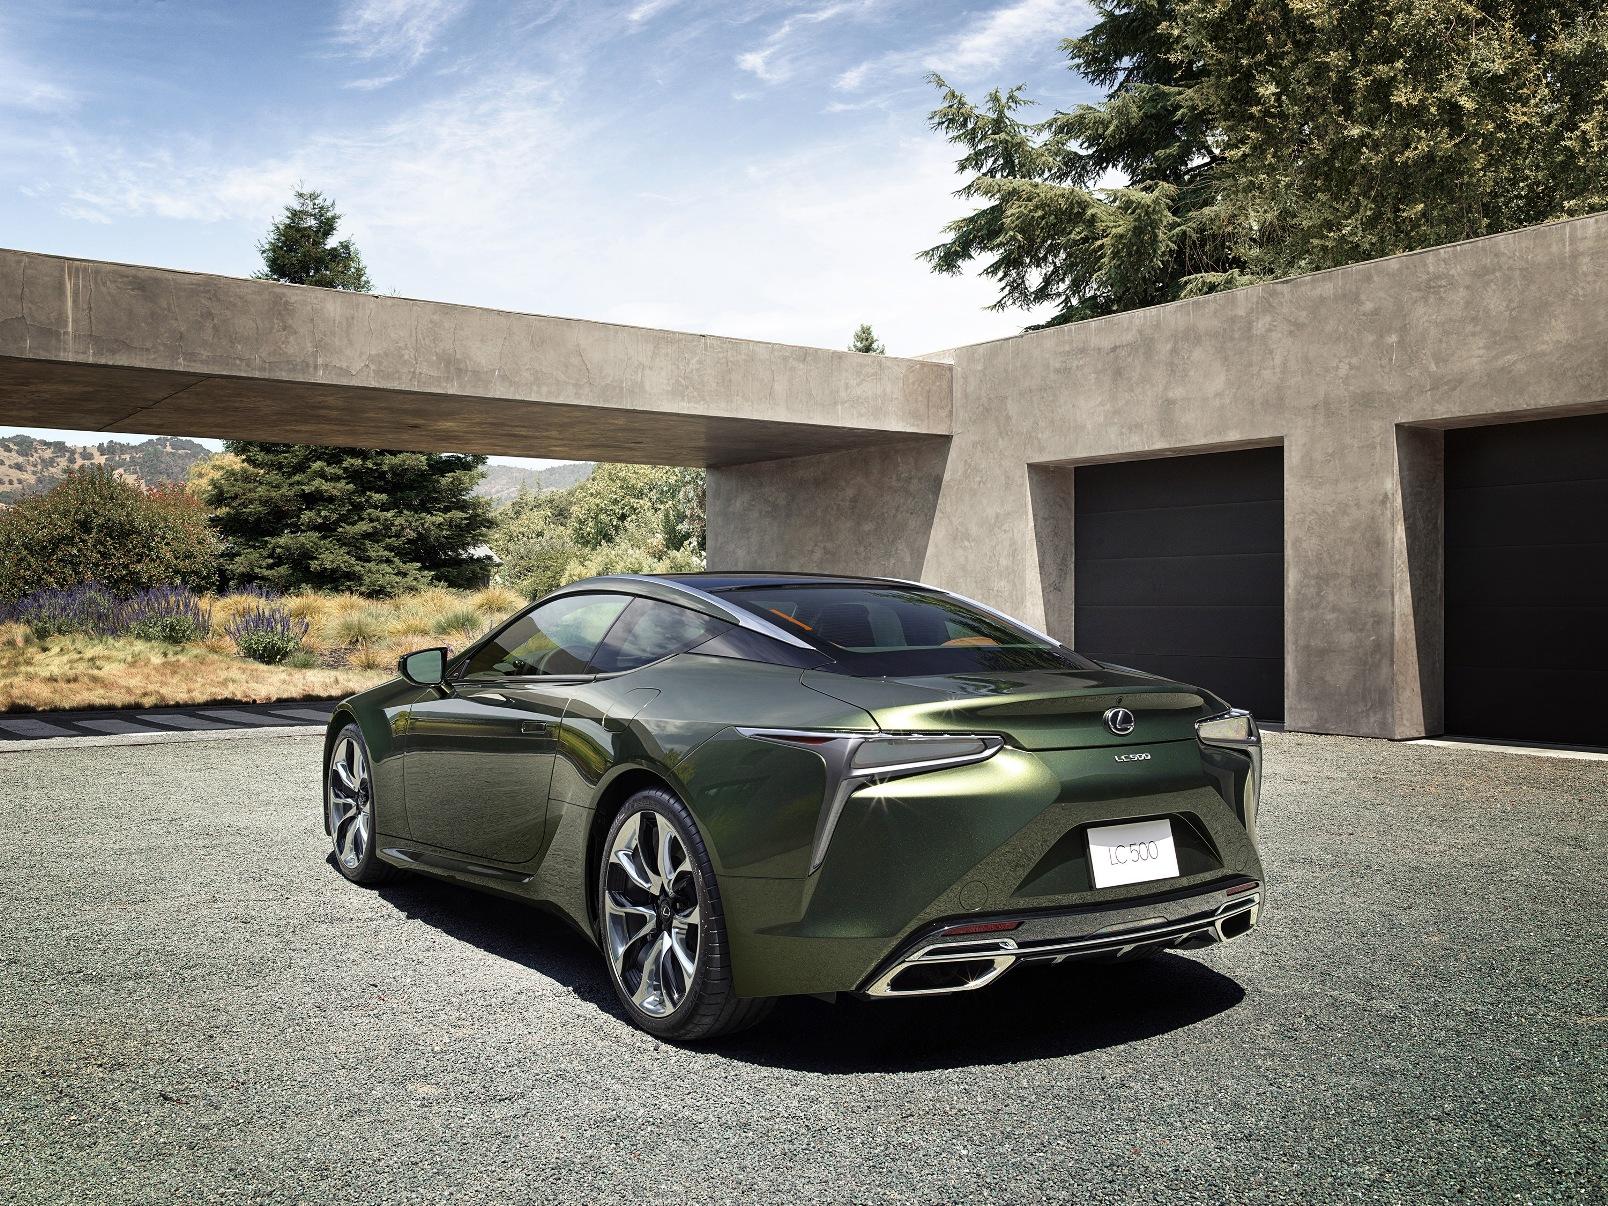 Lexus Lc 500h 2021 (6)